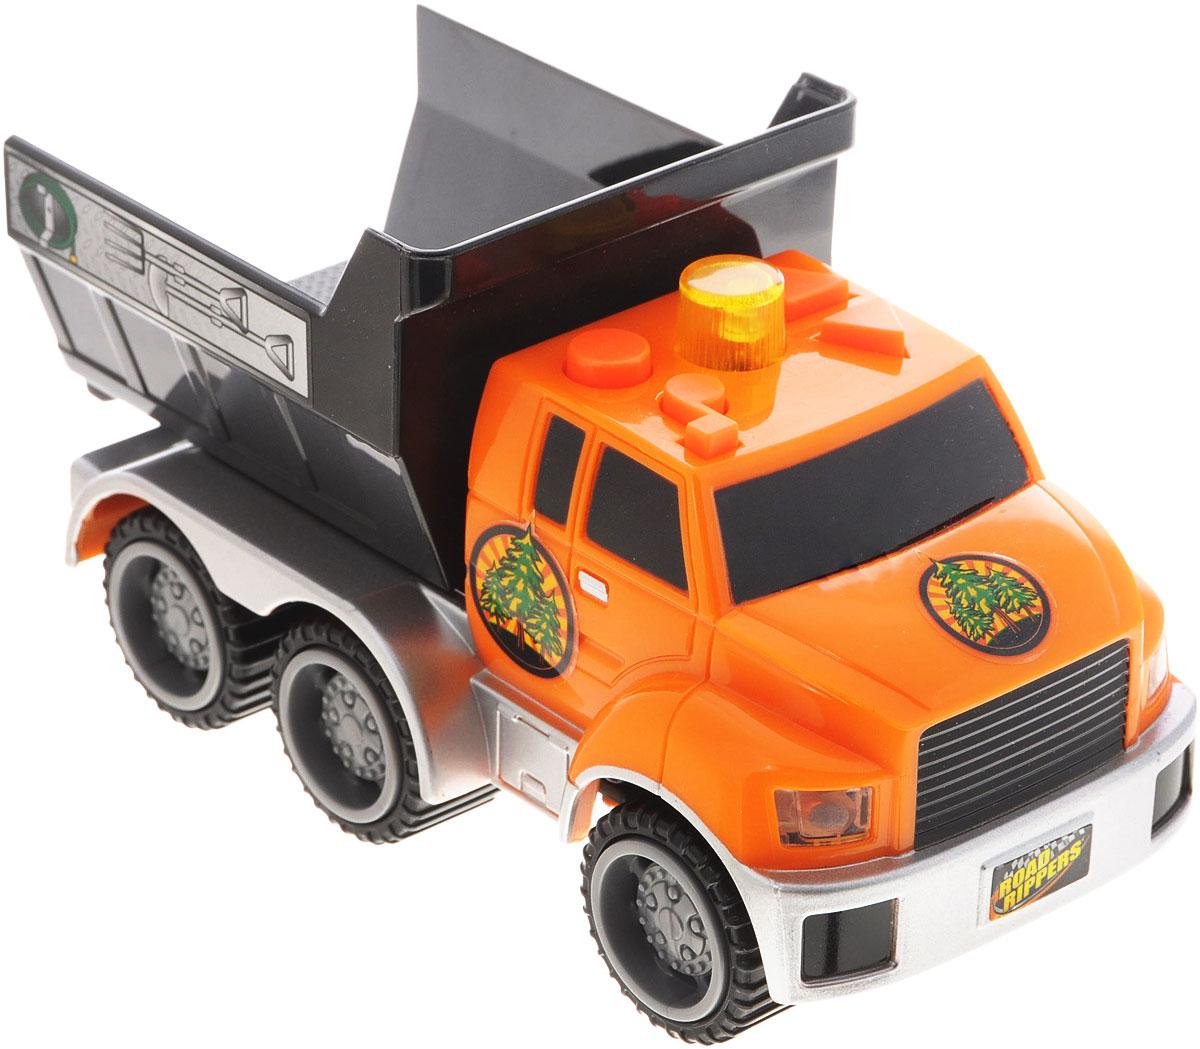 Toystate Самосвал City Service Fleet33220TS_оранжевый, черныйЯркая машинка Toystate City Service Fleet со звуковыми и световыми эффектами, несомненно, понравится вашему ребенку и не позволит ему скучать. Игрушка выполнена в виде мощного самосвала. При нажатии на кнопки, расположенные на крыше, светятся бортовые огни автомобиля, воспроизводятся звуки двигателя, играет заводная музыка, машинка едет вперед или назад. Машинка оснащена инерционным механизмом. Ваш ребенок часами будет играть с машинкой, придумывая различные истории и устраивая соревнования. Порадуйте его таким замечательным подарком! Для работы игрушки необходимы 2 батарейки типа АAА (товар комплектуется демонстрационными).